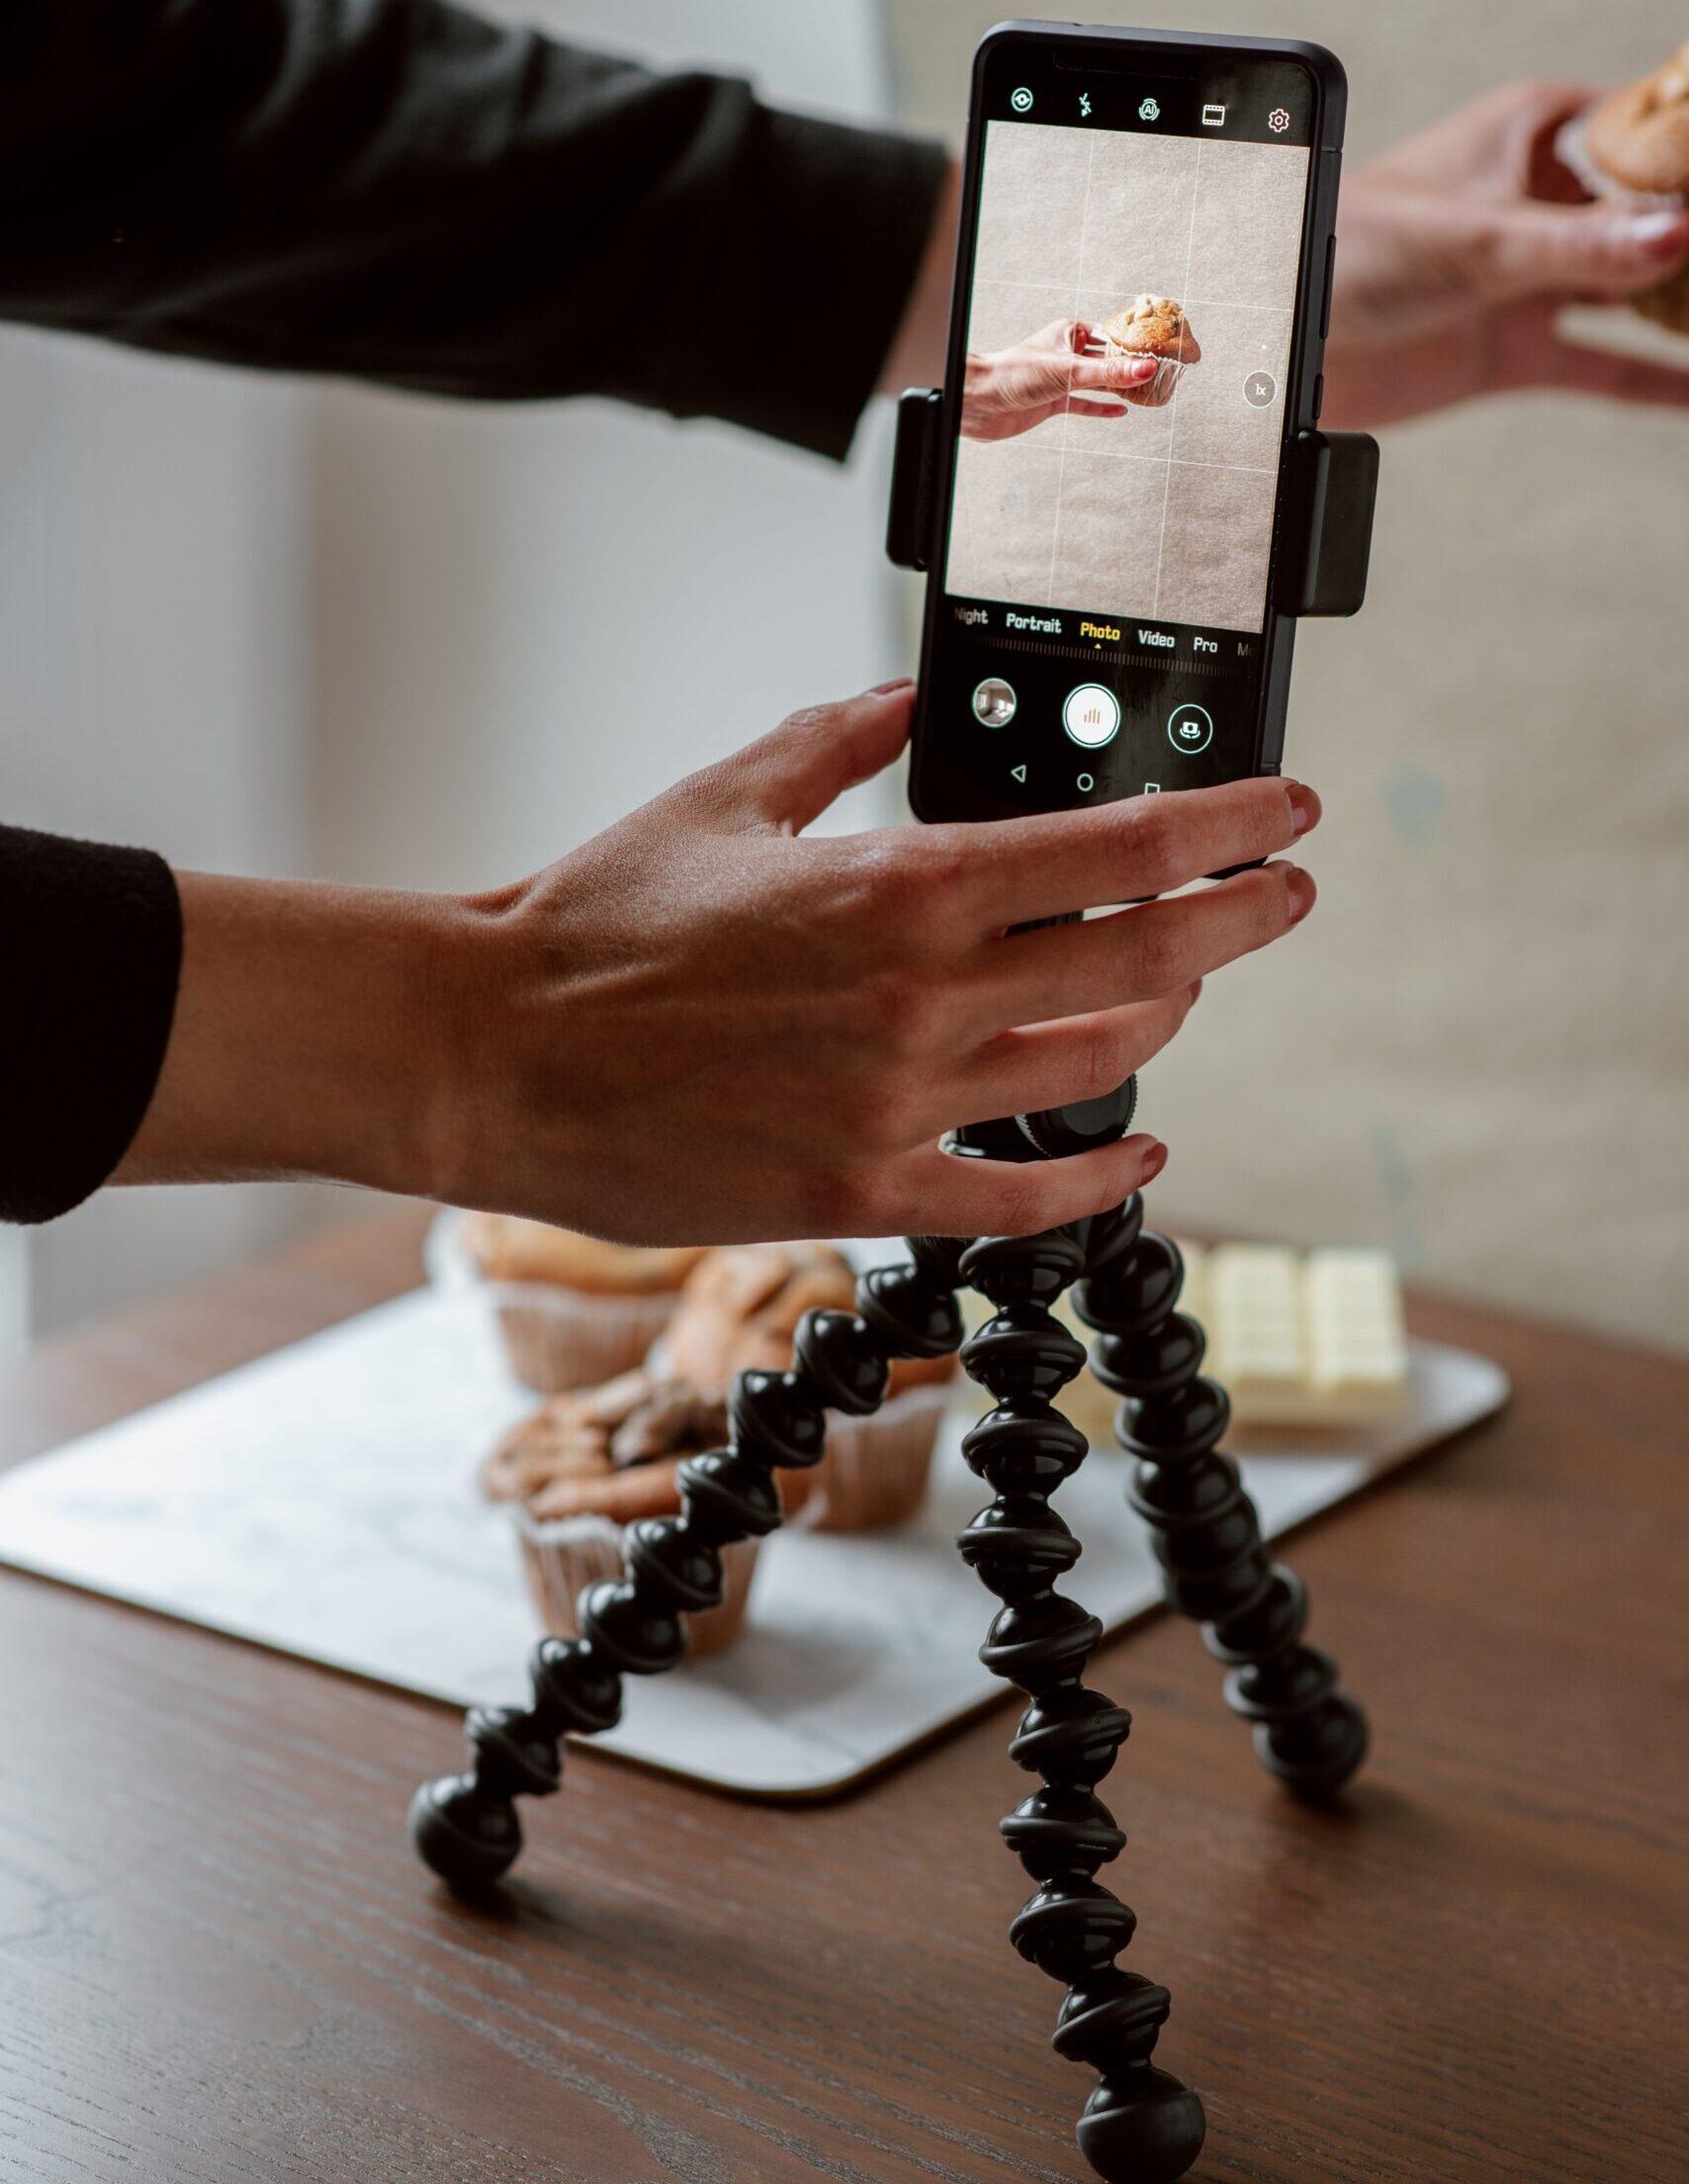 How to Capture Quality Social Media Photos